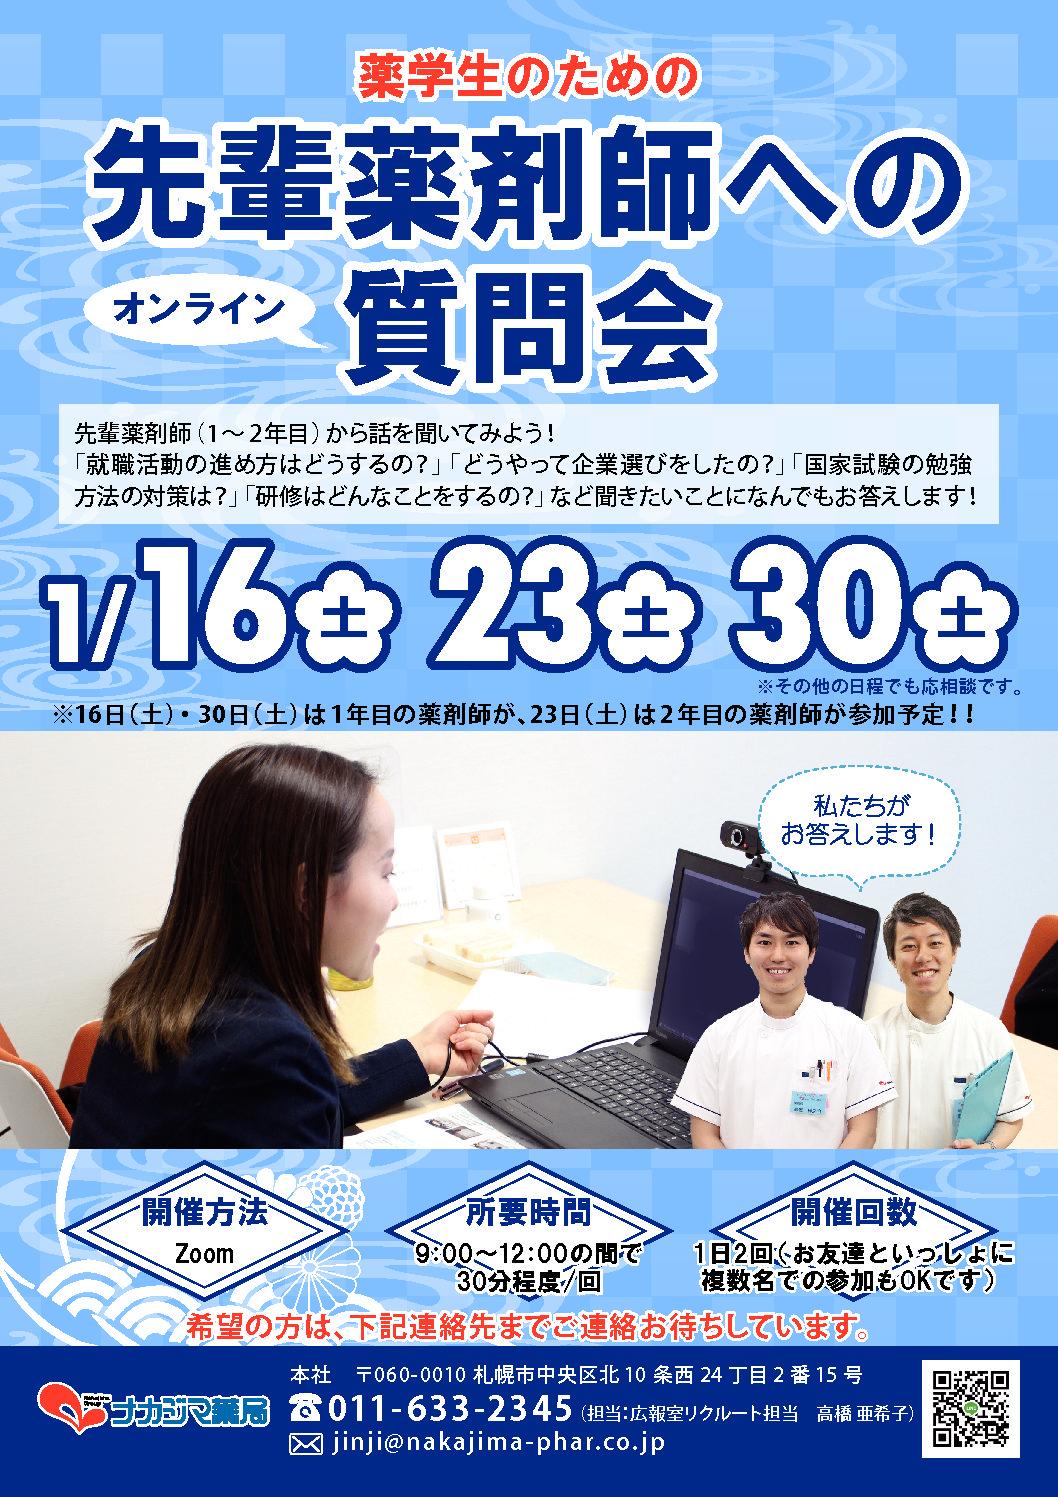 薬学生オンライン質問会開催!